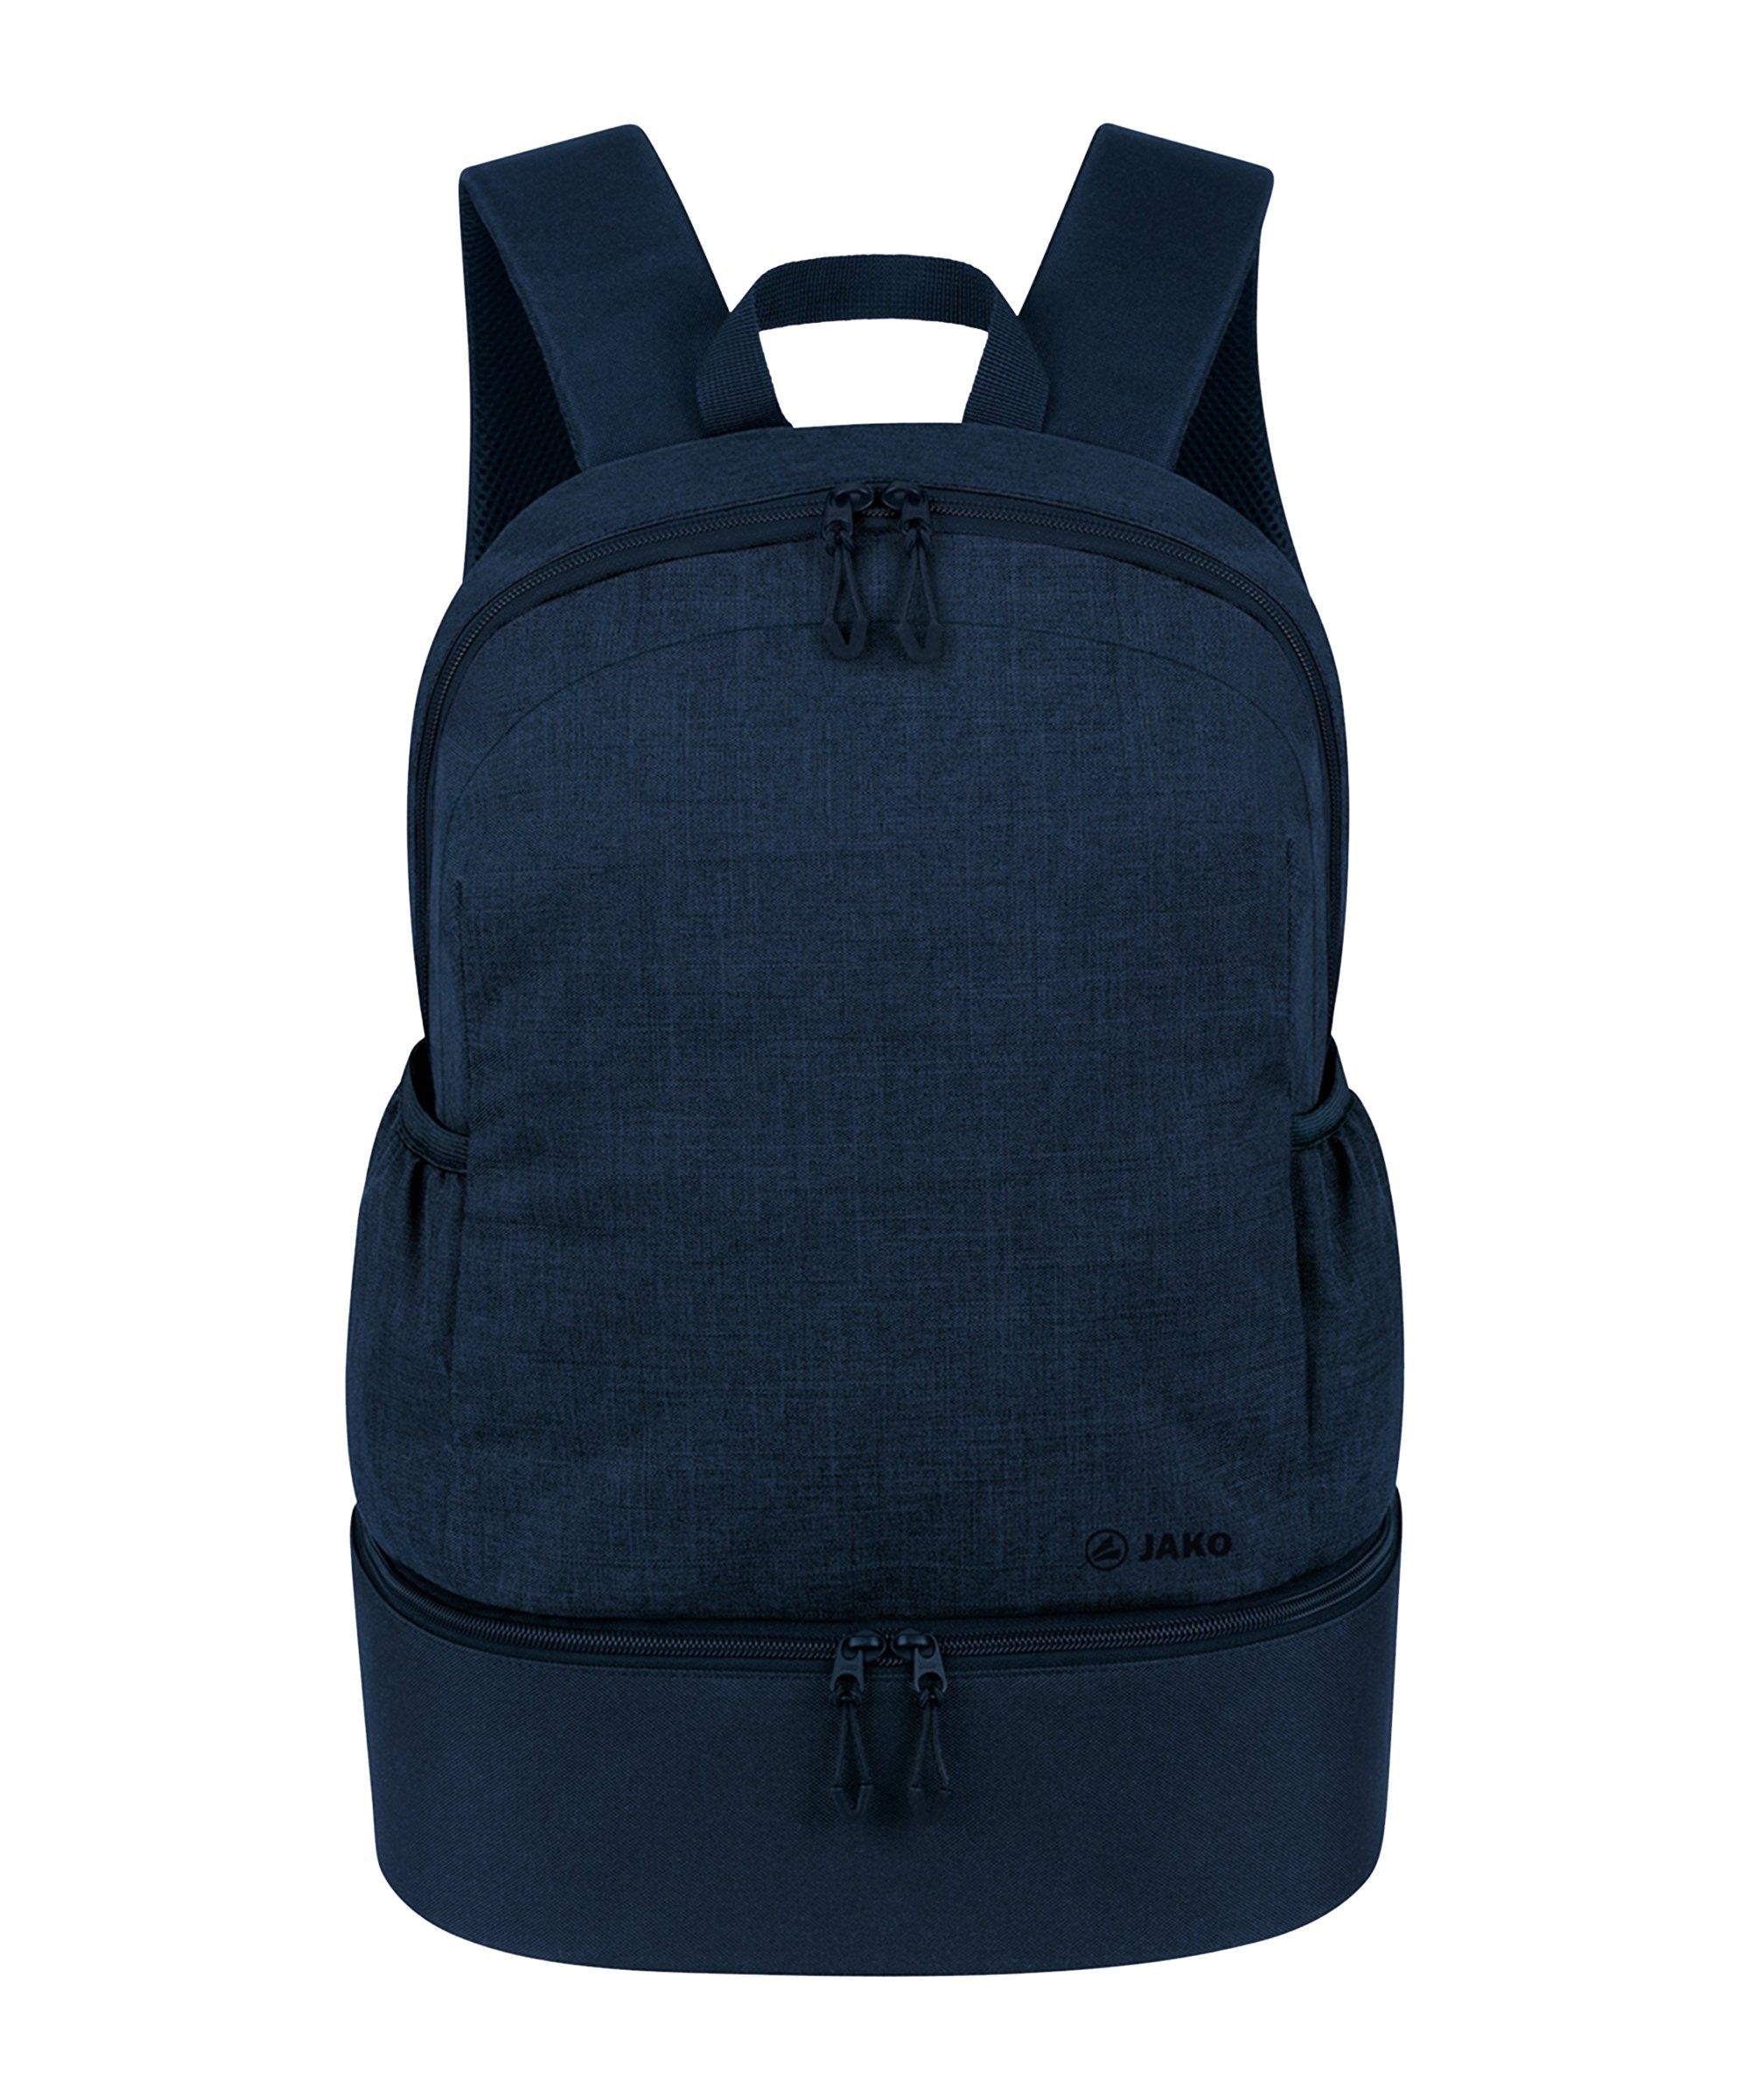 JAKO Challenge Rucksack mit Bodenfach Blau F510 - blau